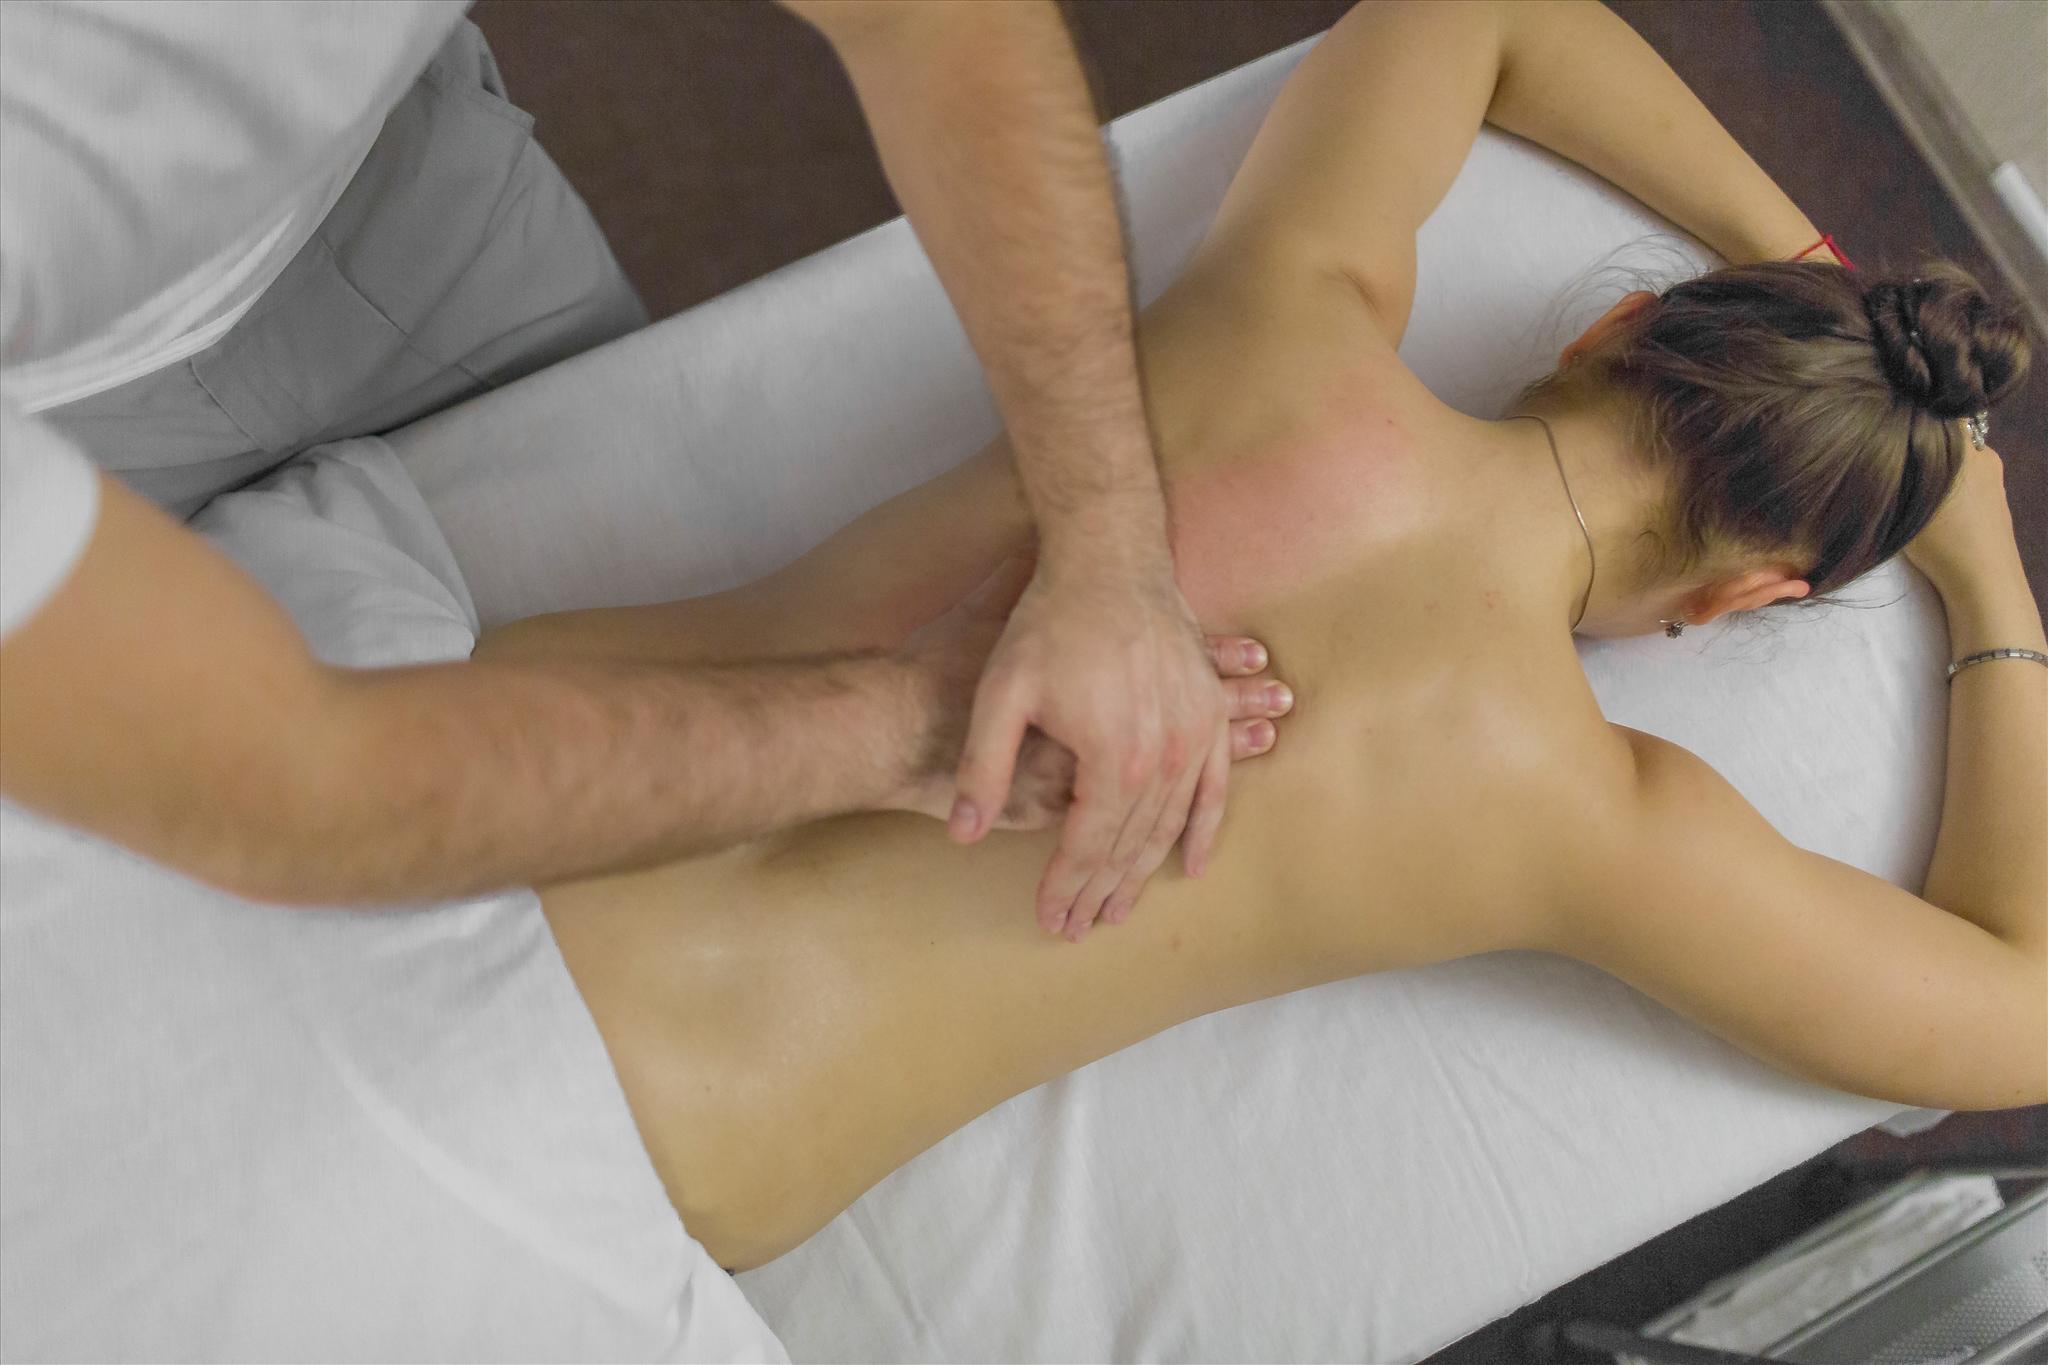 Сделал массаж и трахнул телку, Порно Массажист трахнул русскую девчонку смотреть 5 фотография